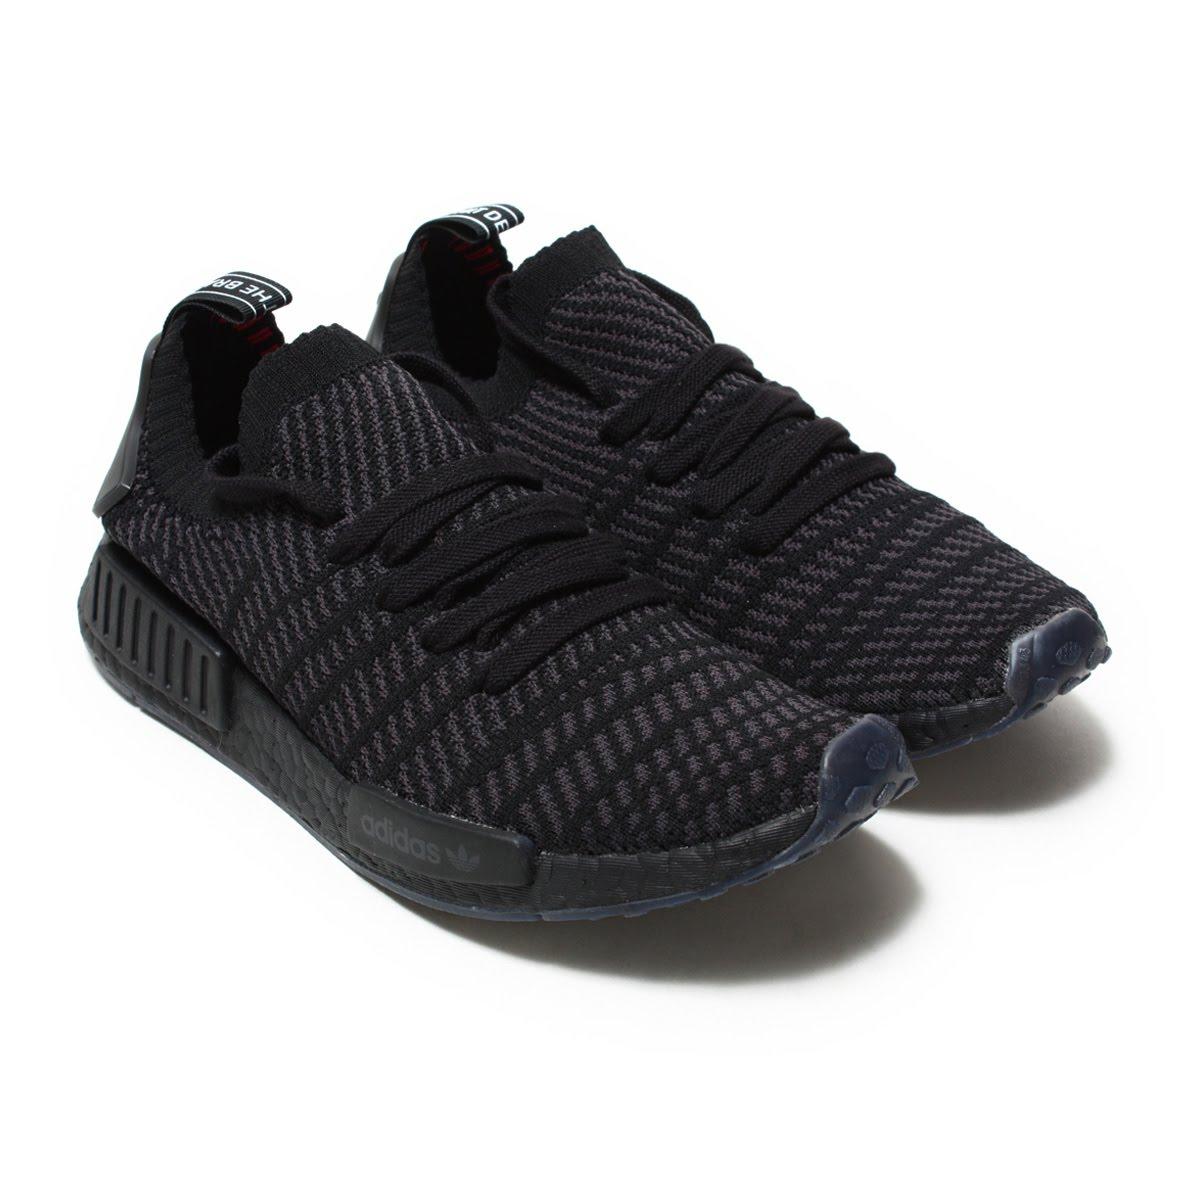 暮らし健康ネット館 adidas Originals NMD_R1 STLT PK(アディダス STLT オリジナルス エヌエムディー R1 R1 adidas STLT PK)Core Black/Utility Black/Solar Pink【メンズ スニーカー】18SS-I, MINT :ff3064dd --- canoncity.azurewebsites.net